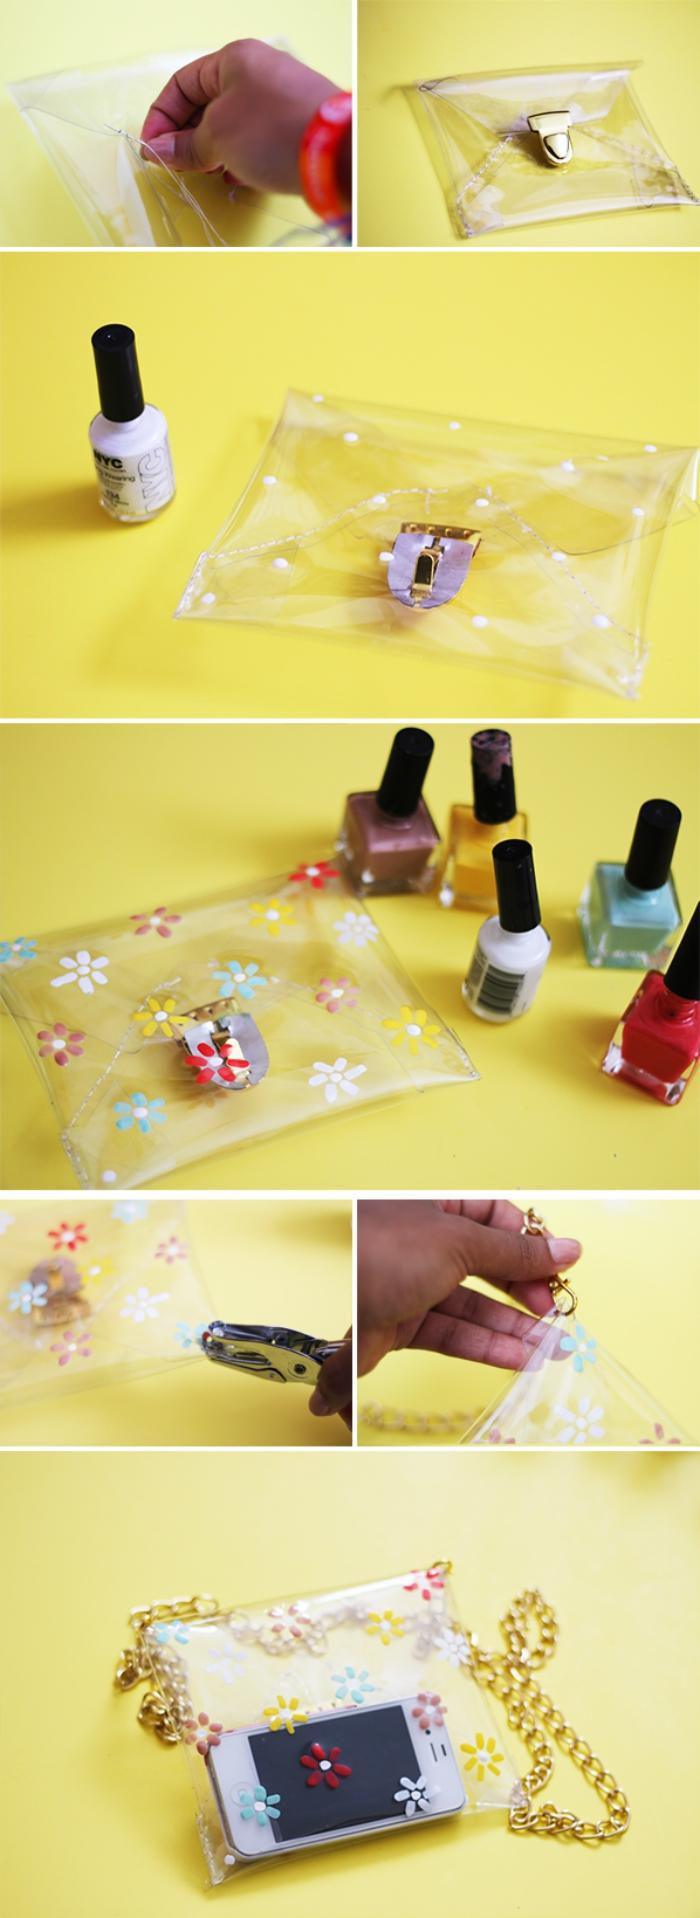 sac pochette transparente à motifs fleurs dessinés au vernis d'ongles, muni d'une chaînette dorée